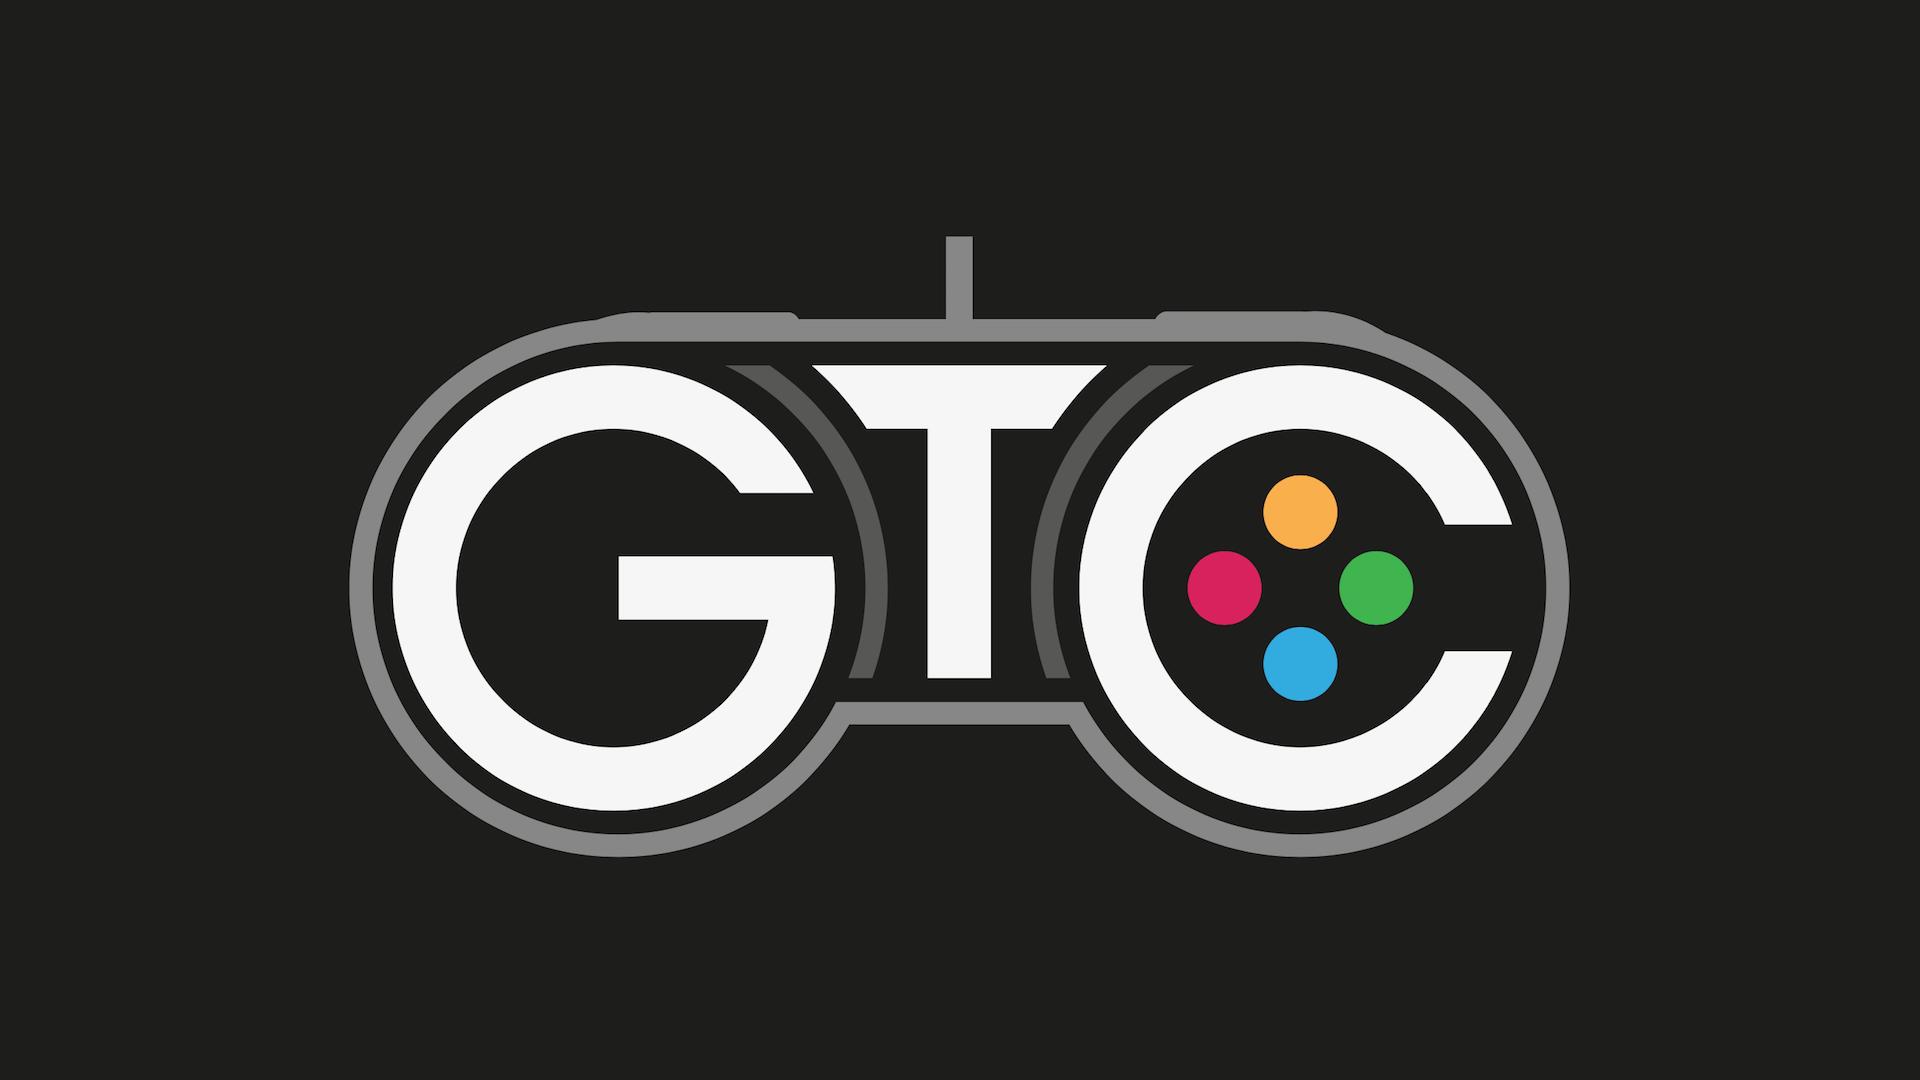 Dal 12 al 14 maggio torna l'evento GTC 2017 a Ravenna